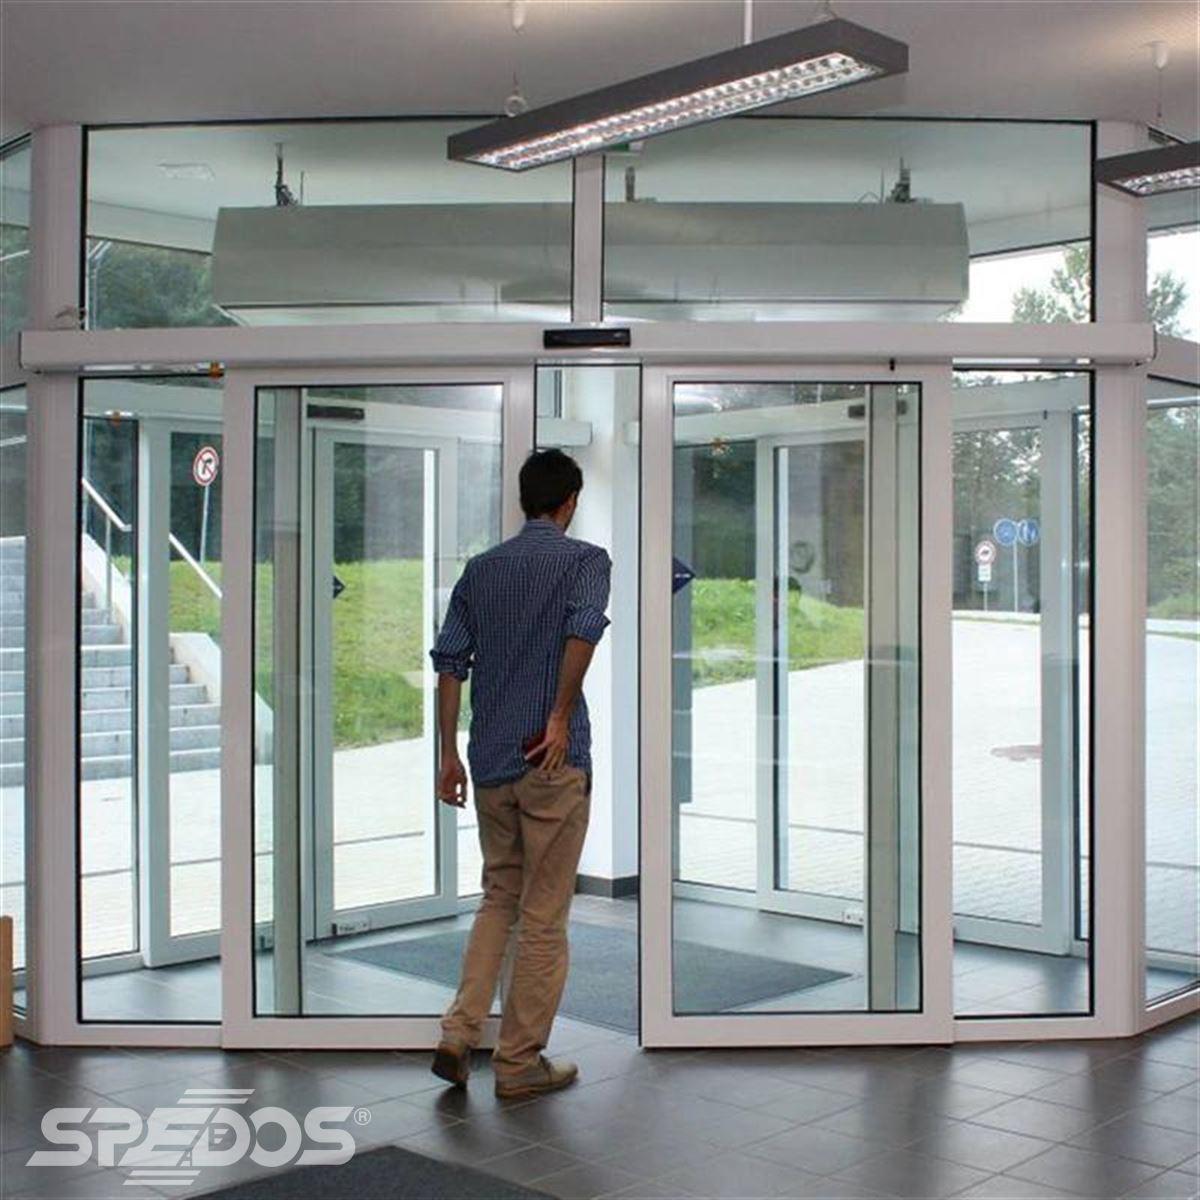 Dvoukřídlé automatické dveře posuvné v Žilinské univerzitě 3